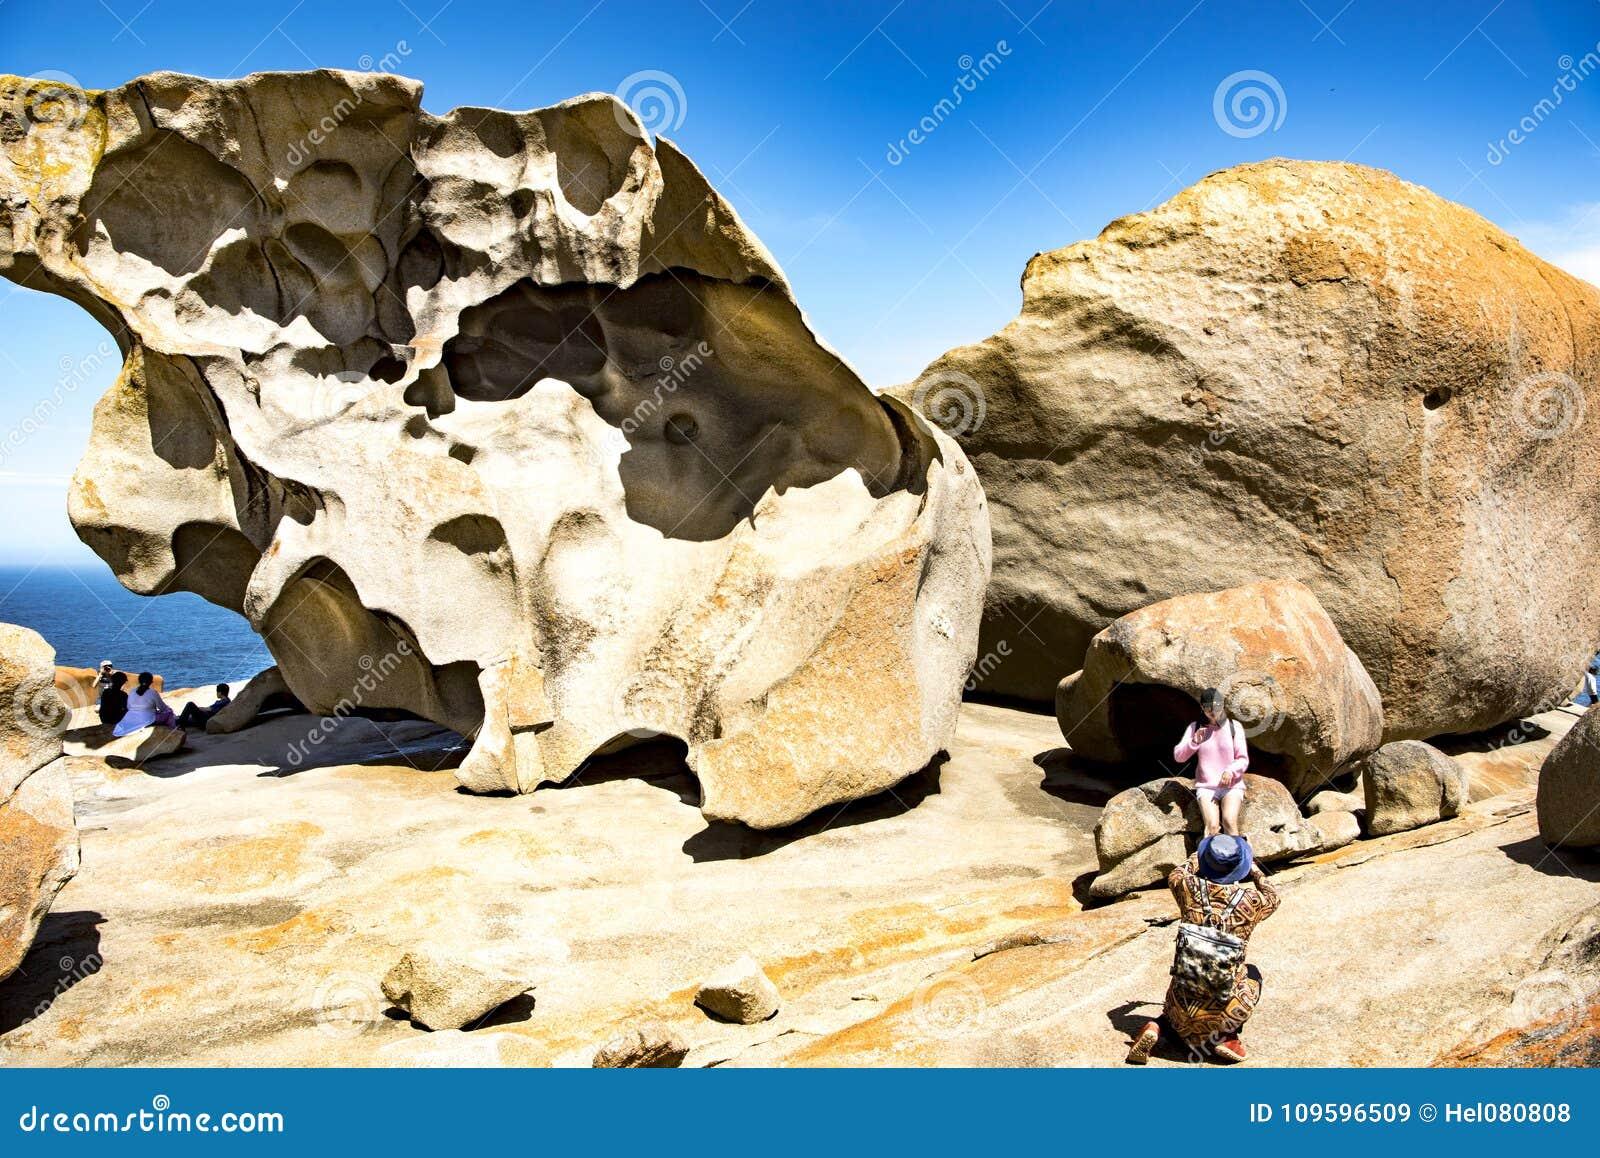 卓越的岩石,为卓越的岩石,坎加鲁岛,澳大利亚照相的人们